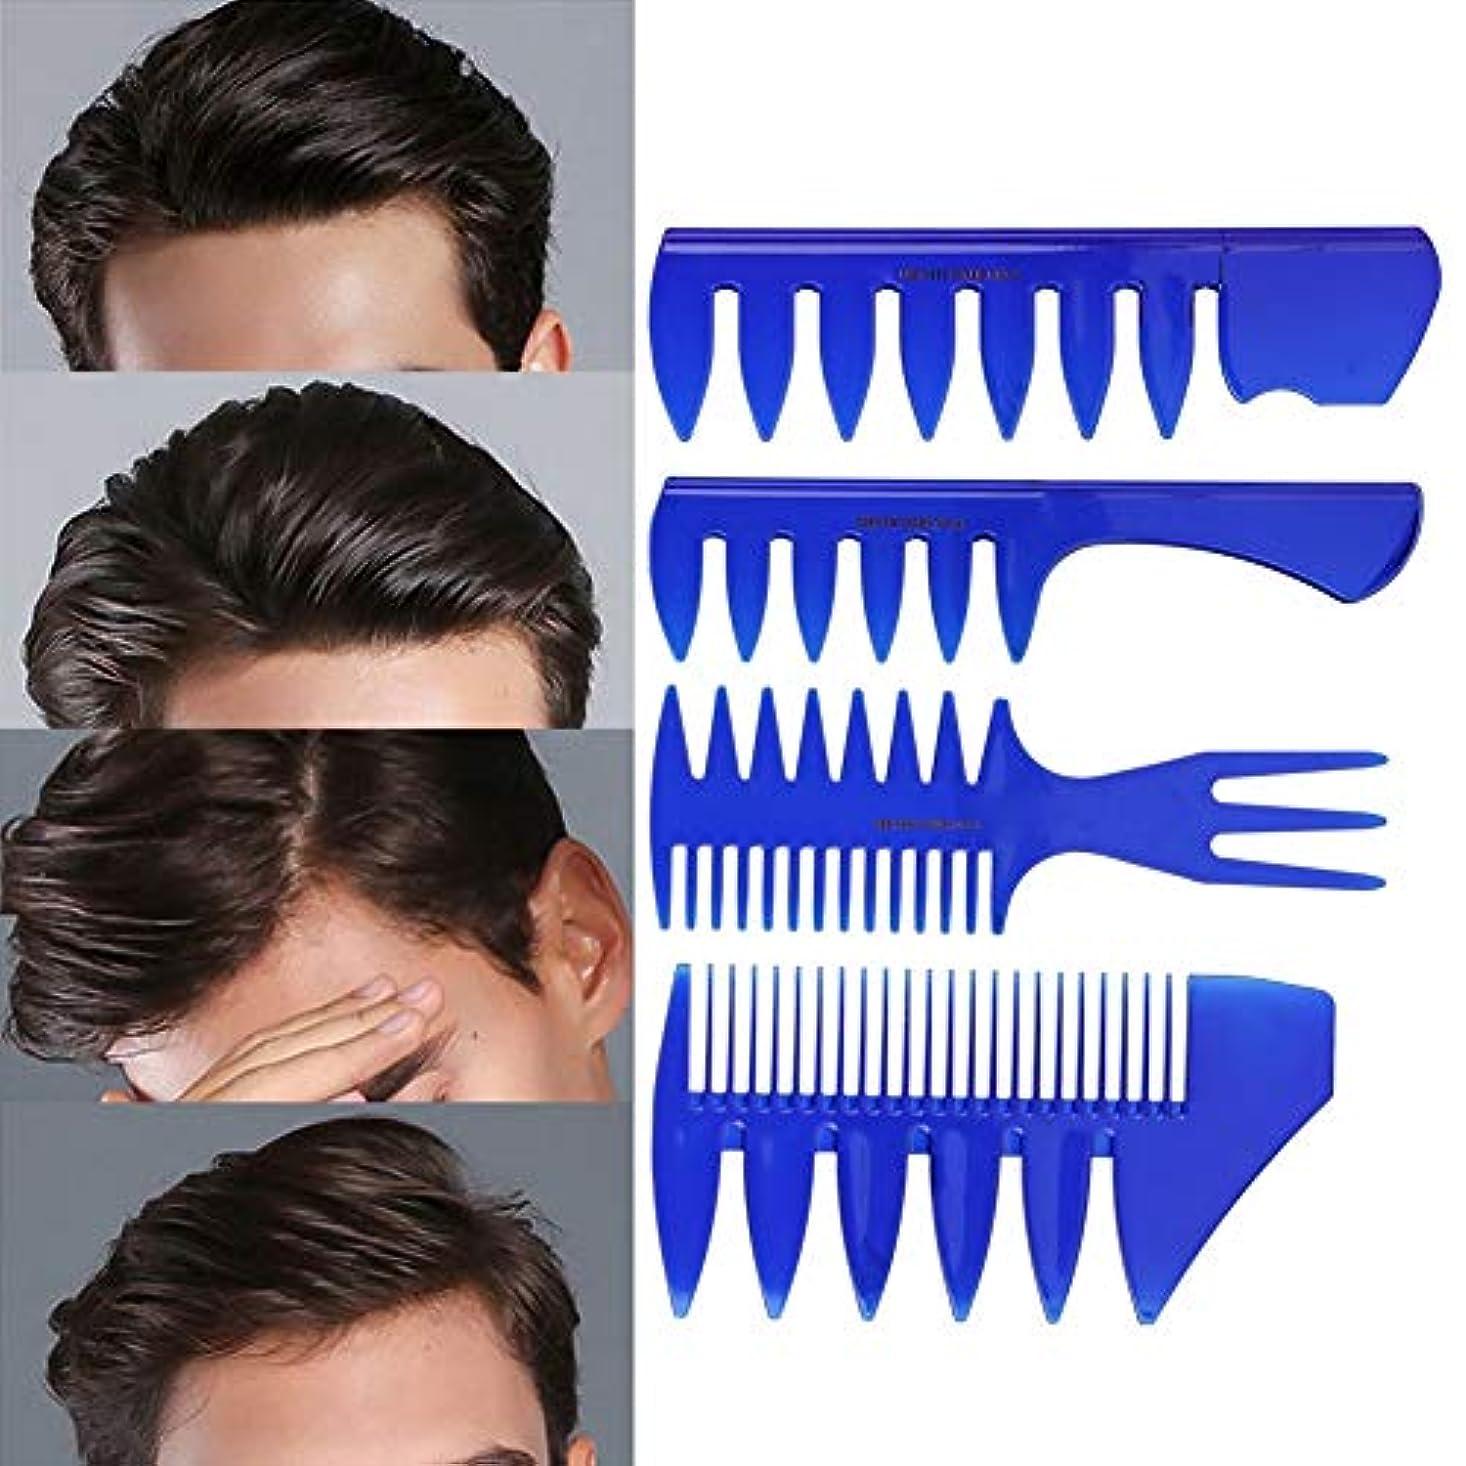 粘り強い瞑想する横に4ピース男性理髪ツールセット広い歯フォークくし髪矯正オイル髪スタイリングくし